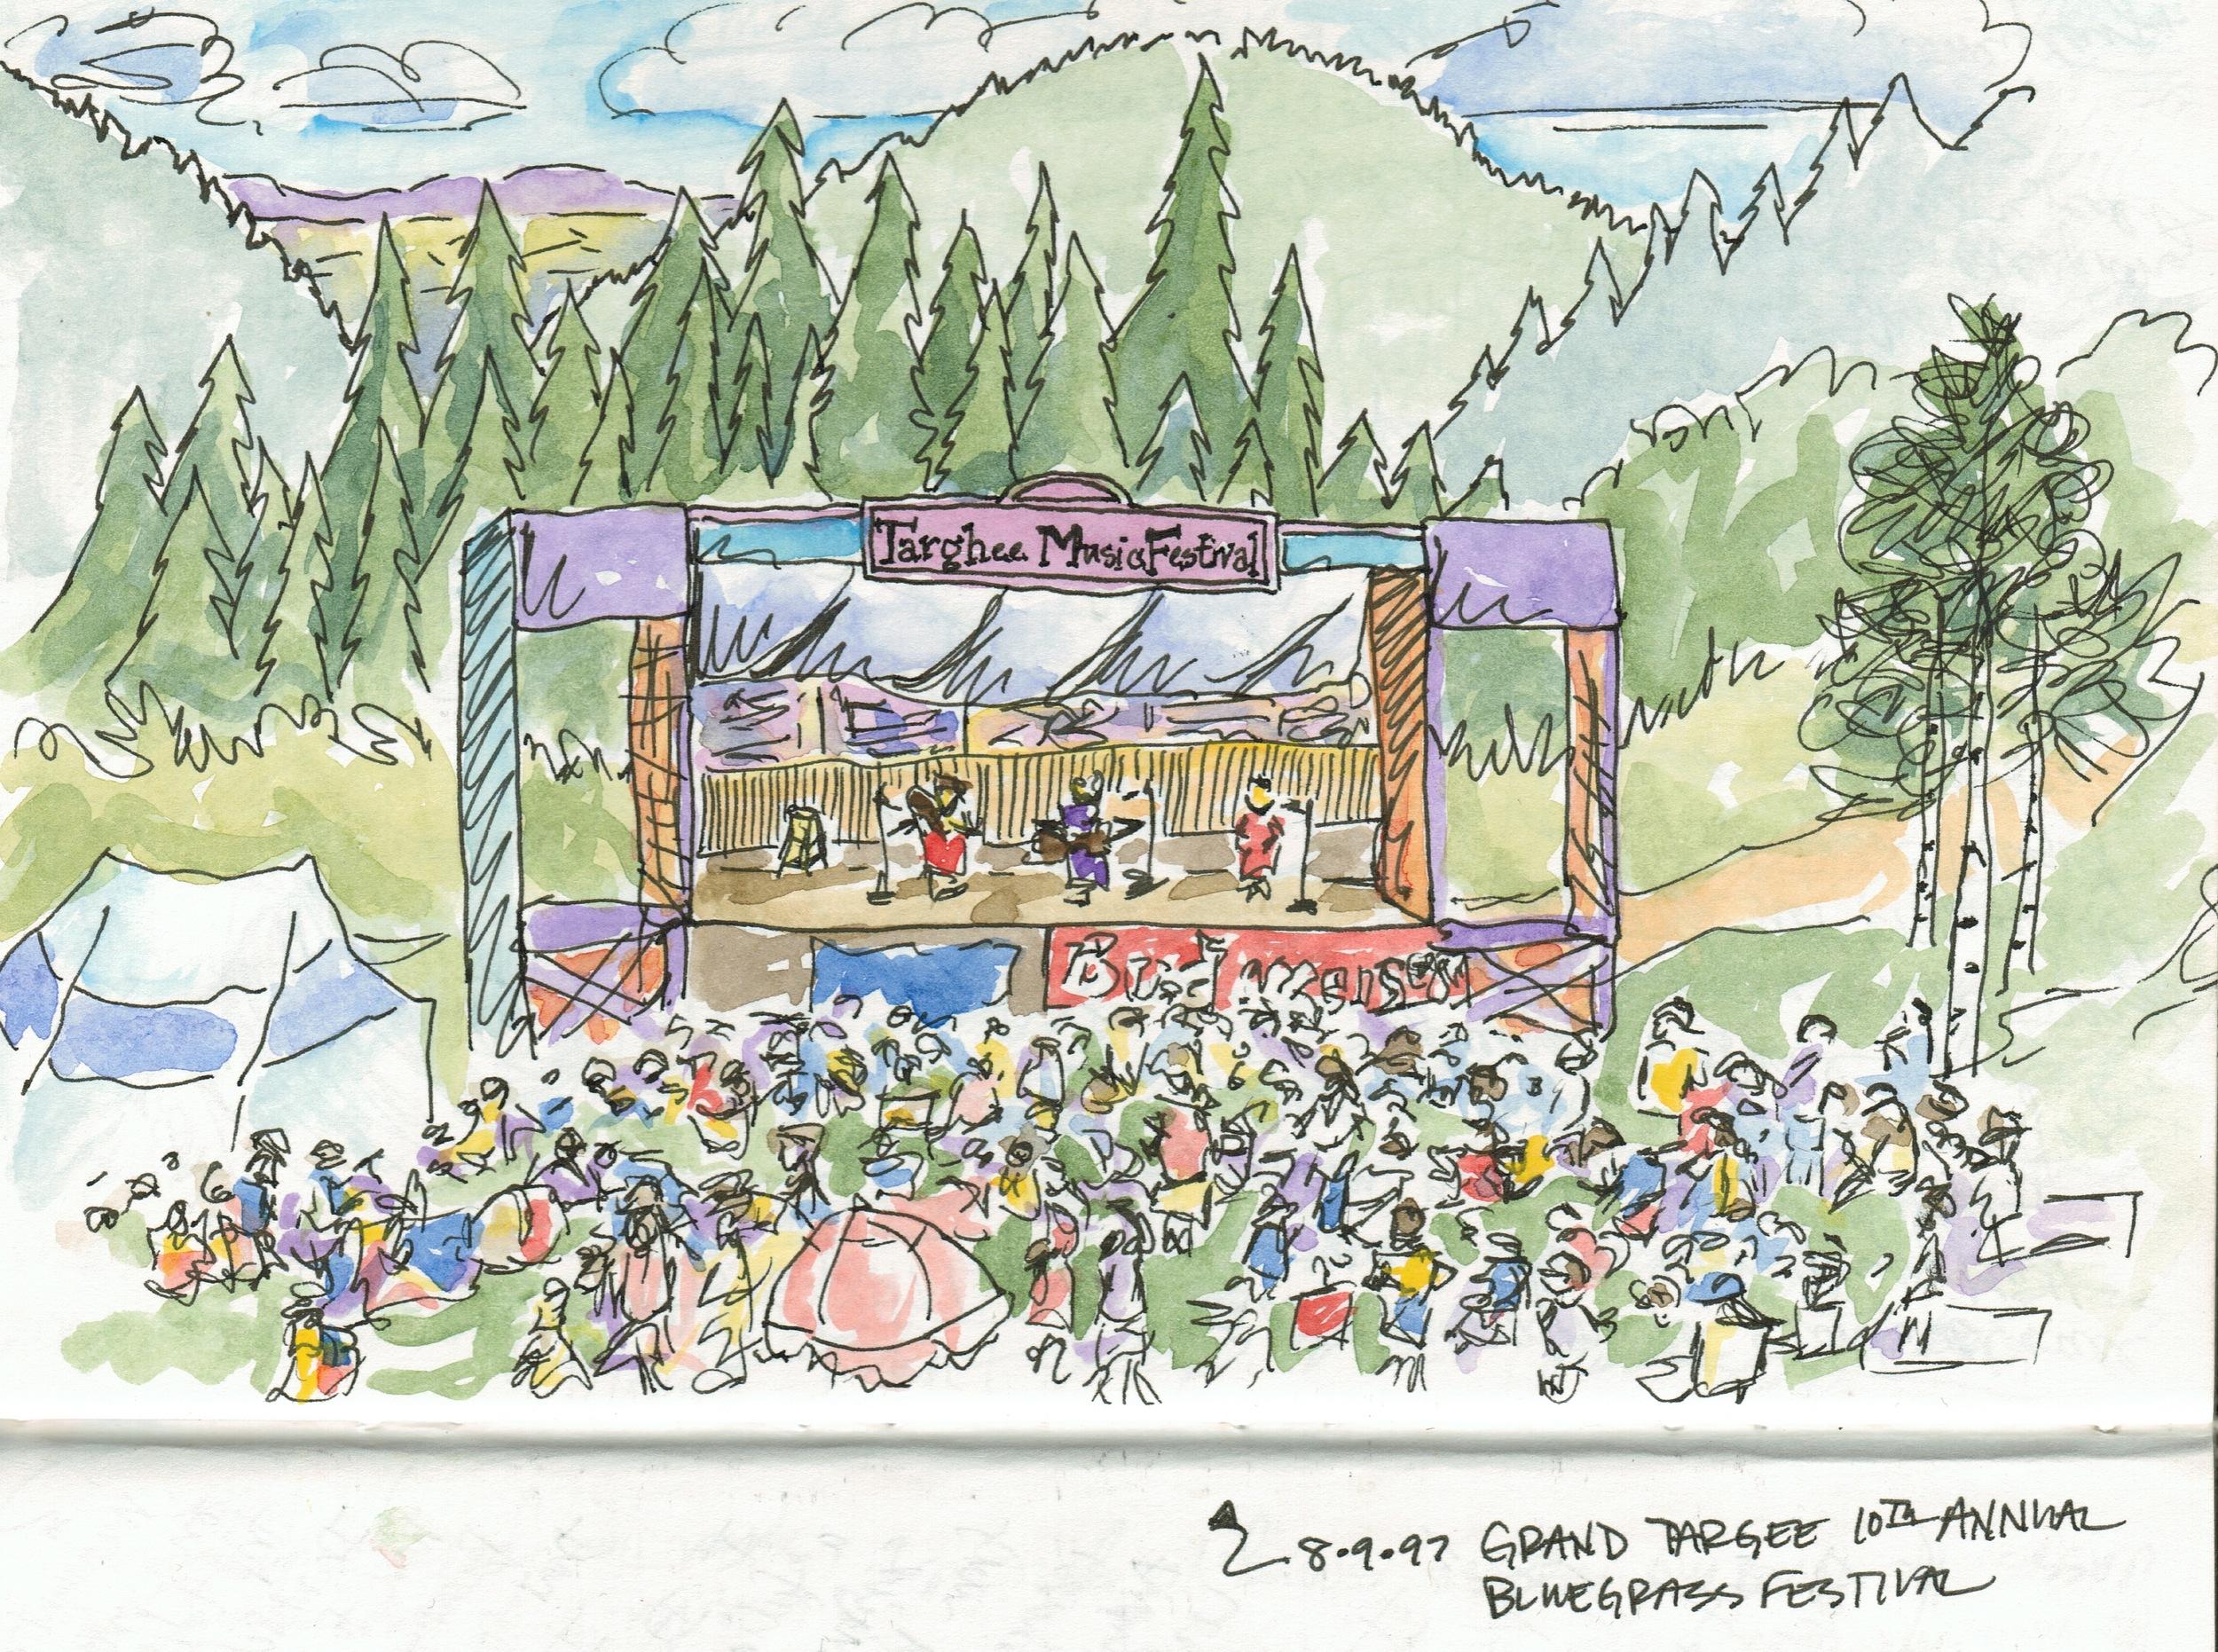 TargheeMusicFest1997.jpeg